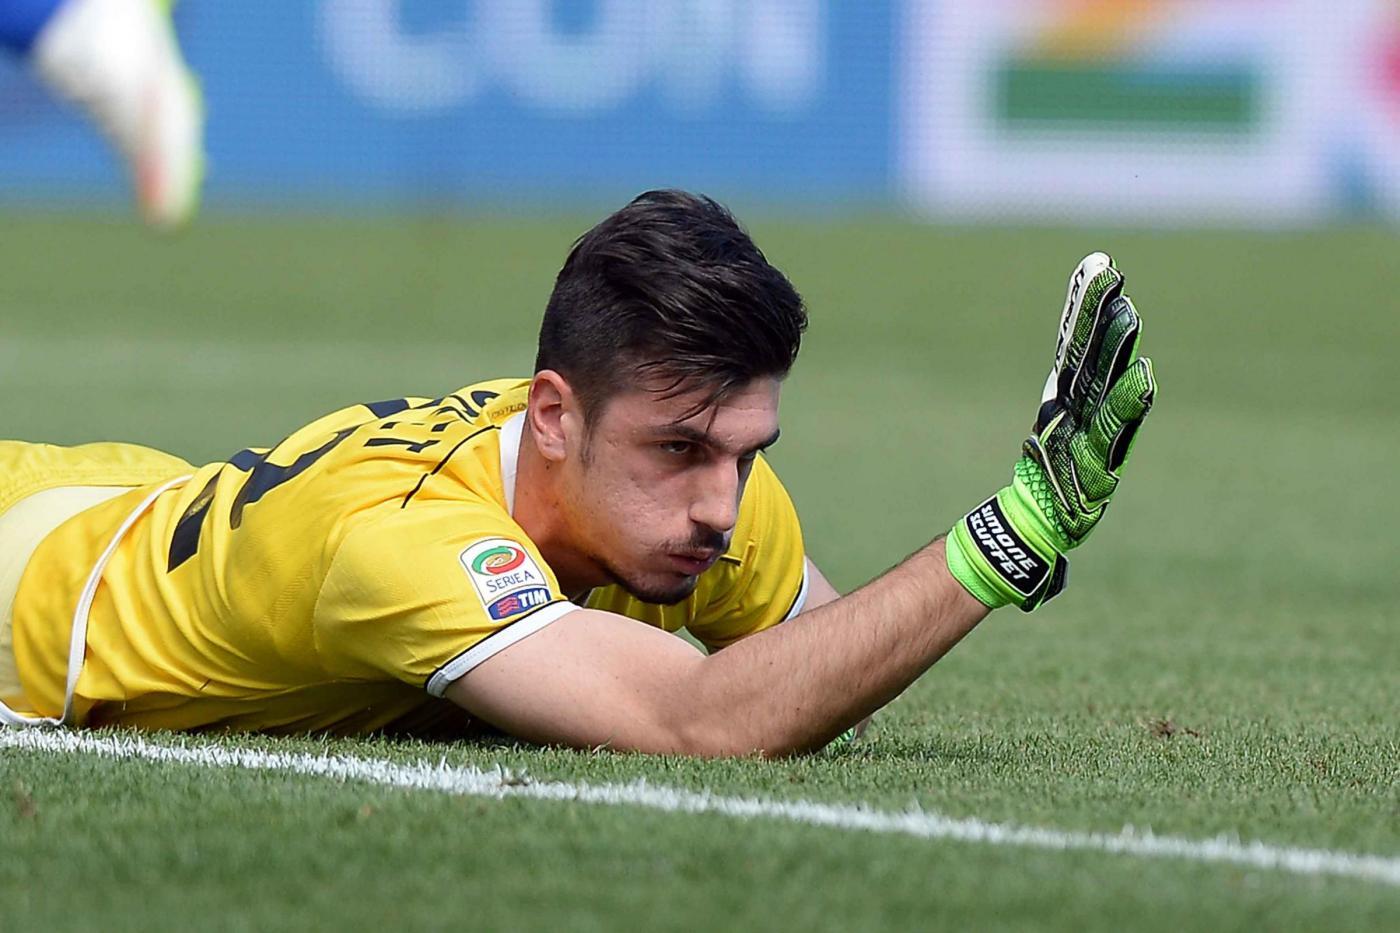 Udinese, ufficiale l'esonero di Delneri: semi rivoluzione, l'11 di Oddo [FOTO]